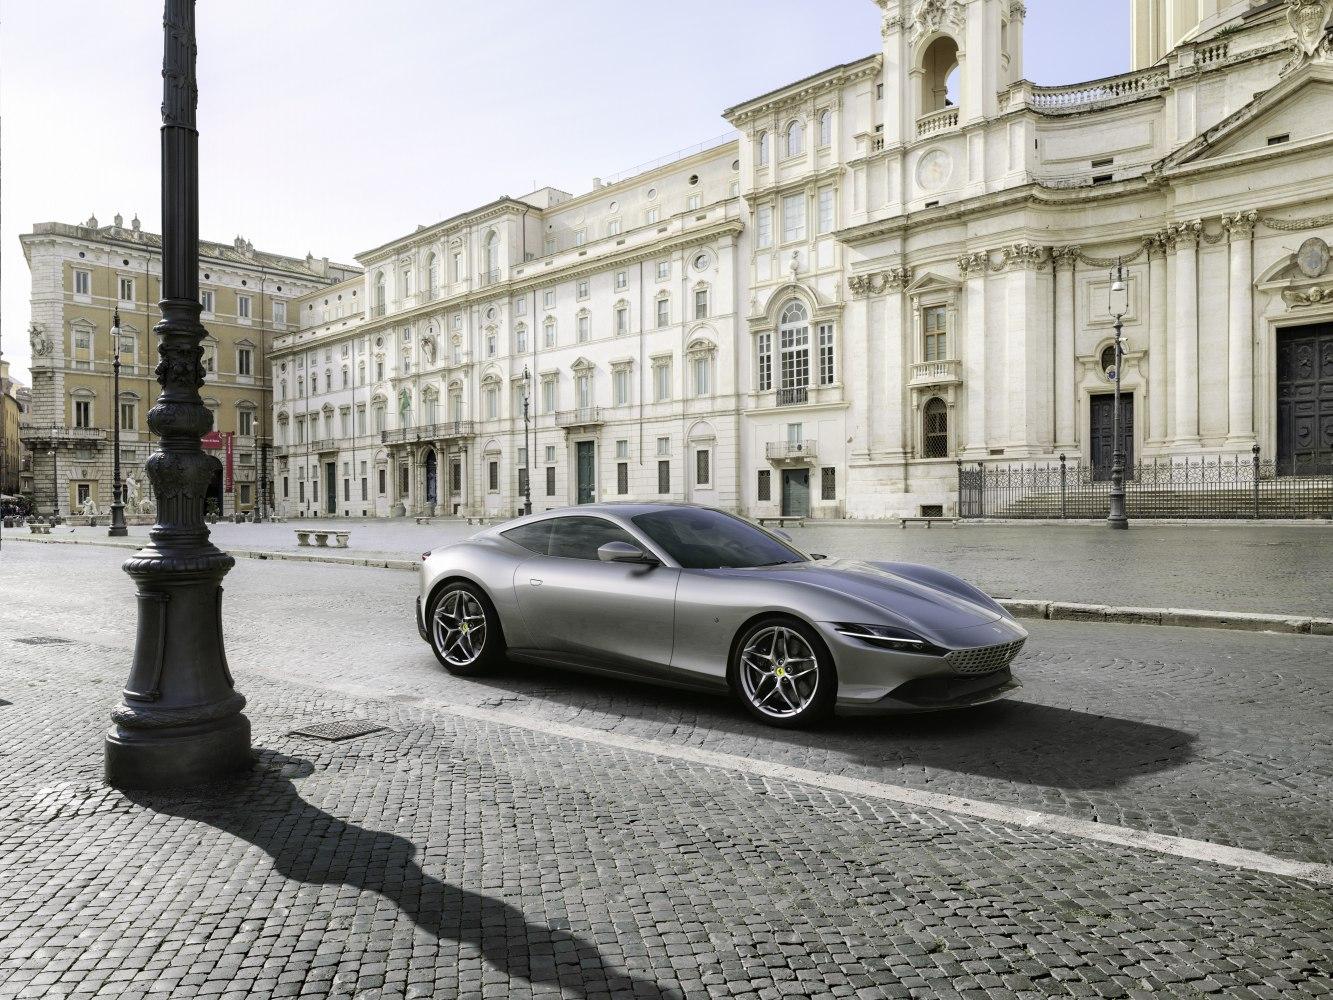 2020 Ferrari Roma 3 9 V8 620 Ps Dct Technische Daten Verbrauch Spezifikationen Maße